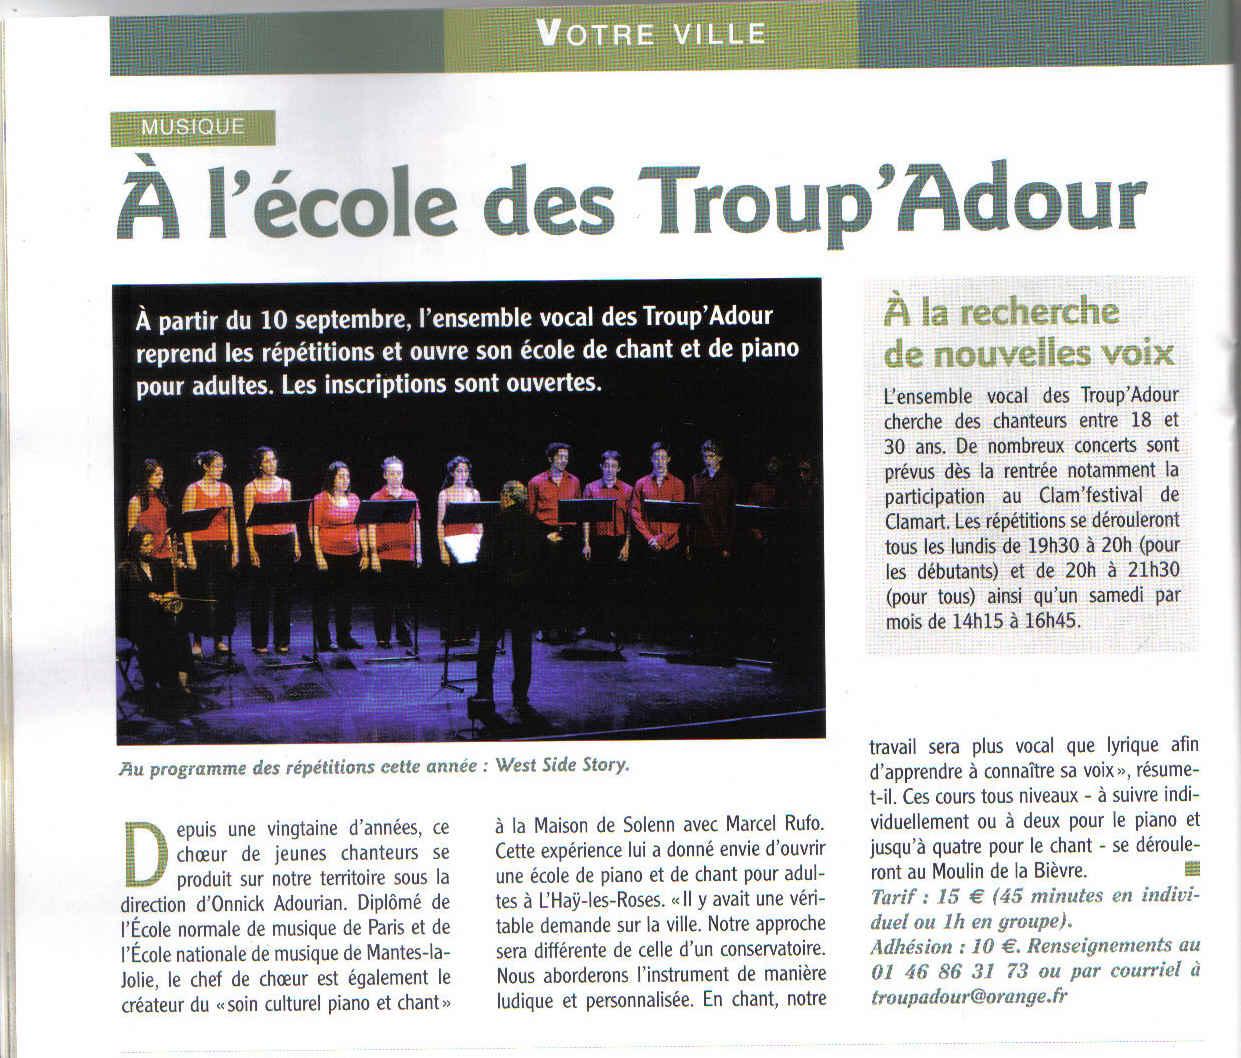 Nouvel article paru dans le journal de la ville de L'Haÿ-les-Roses